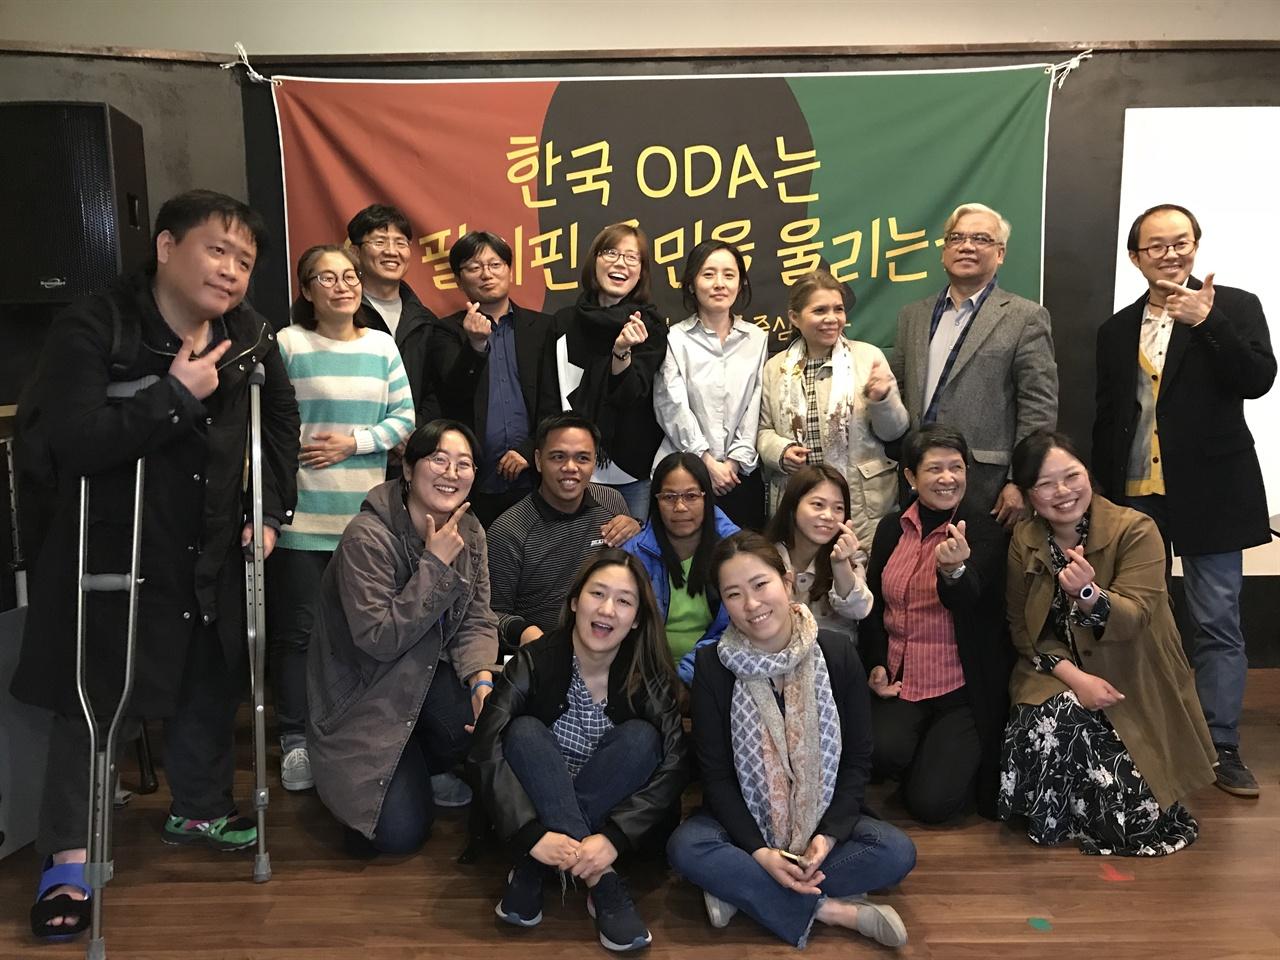 한국 ODA에 대한 지속적인 관심과 연대가 필요하다